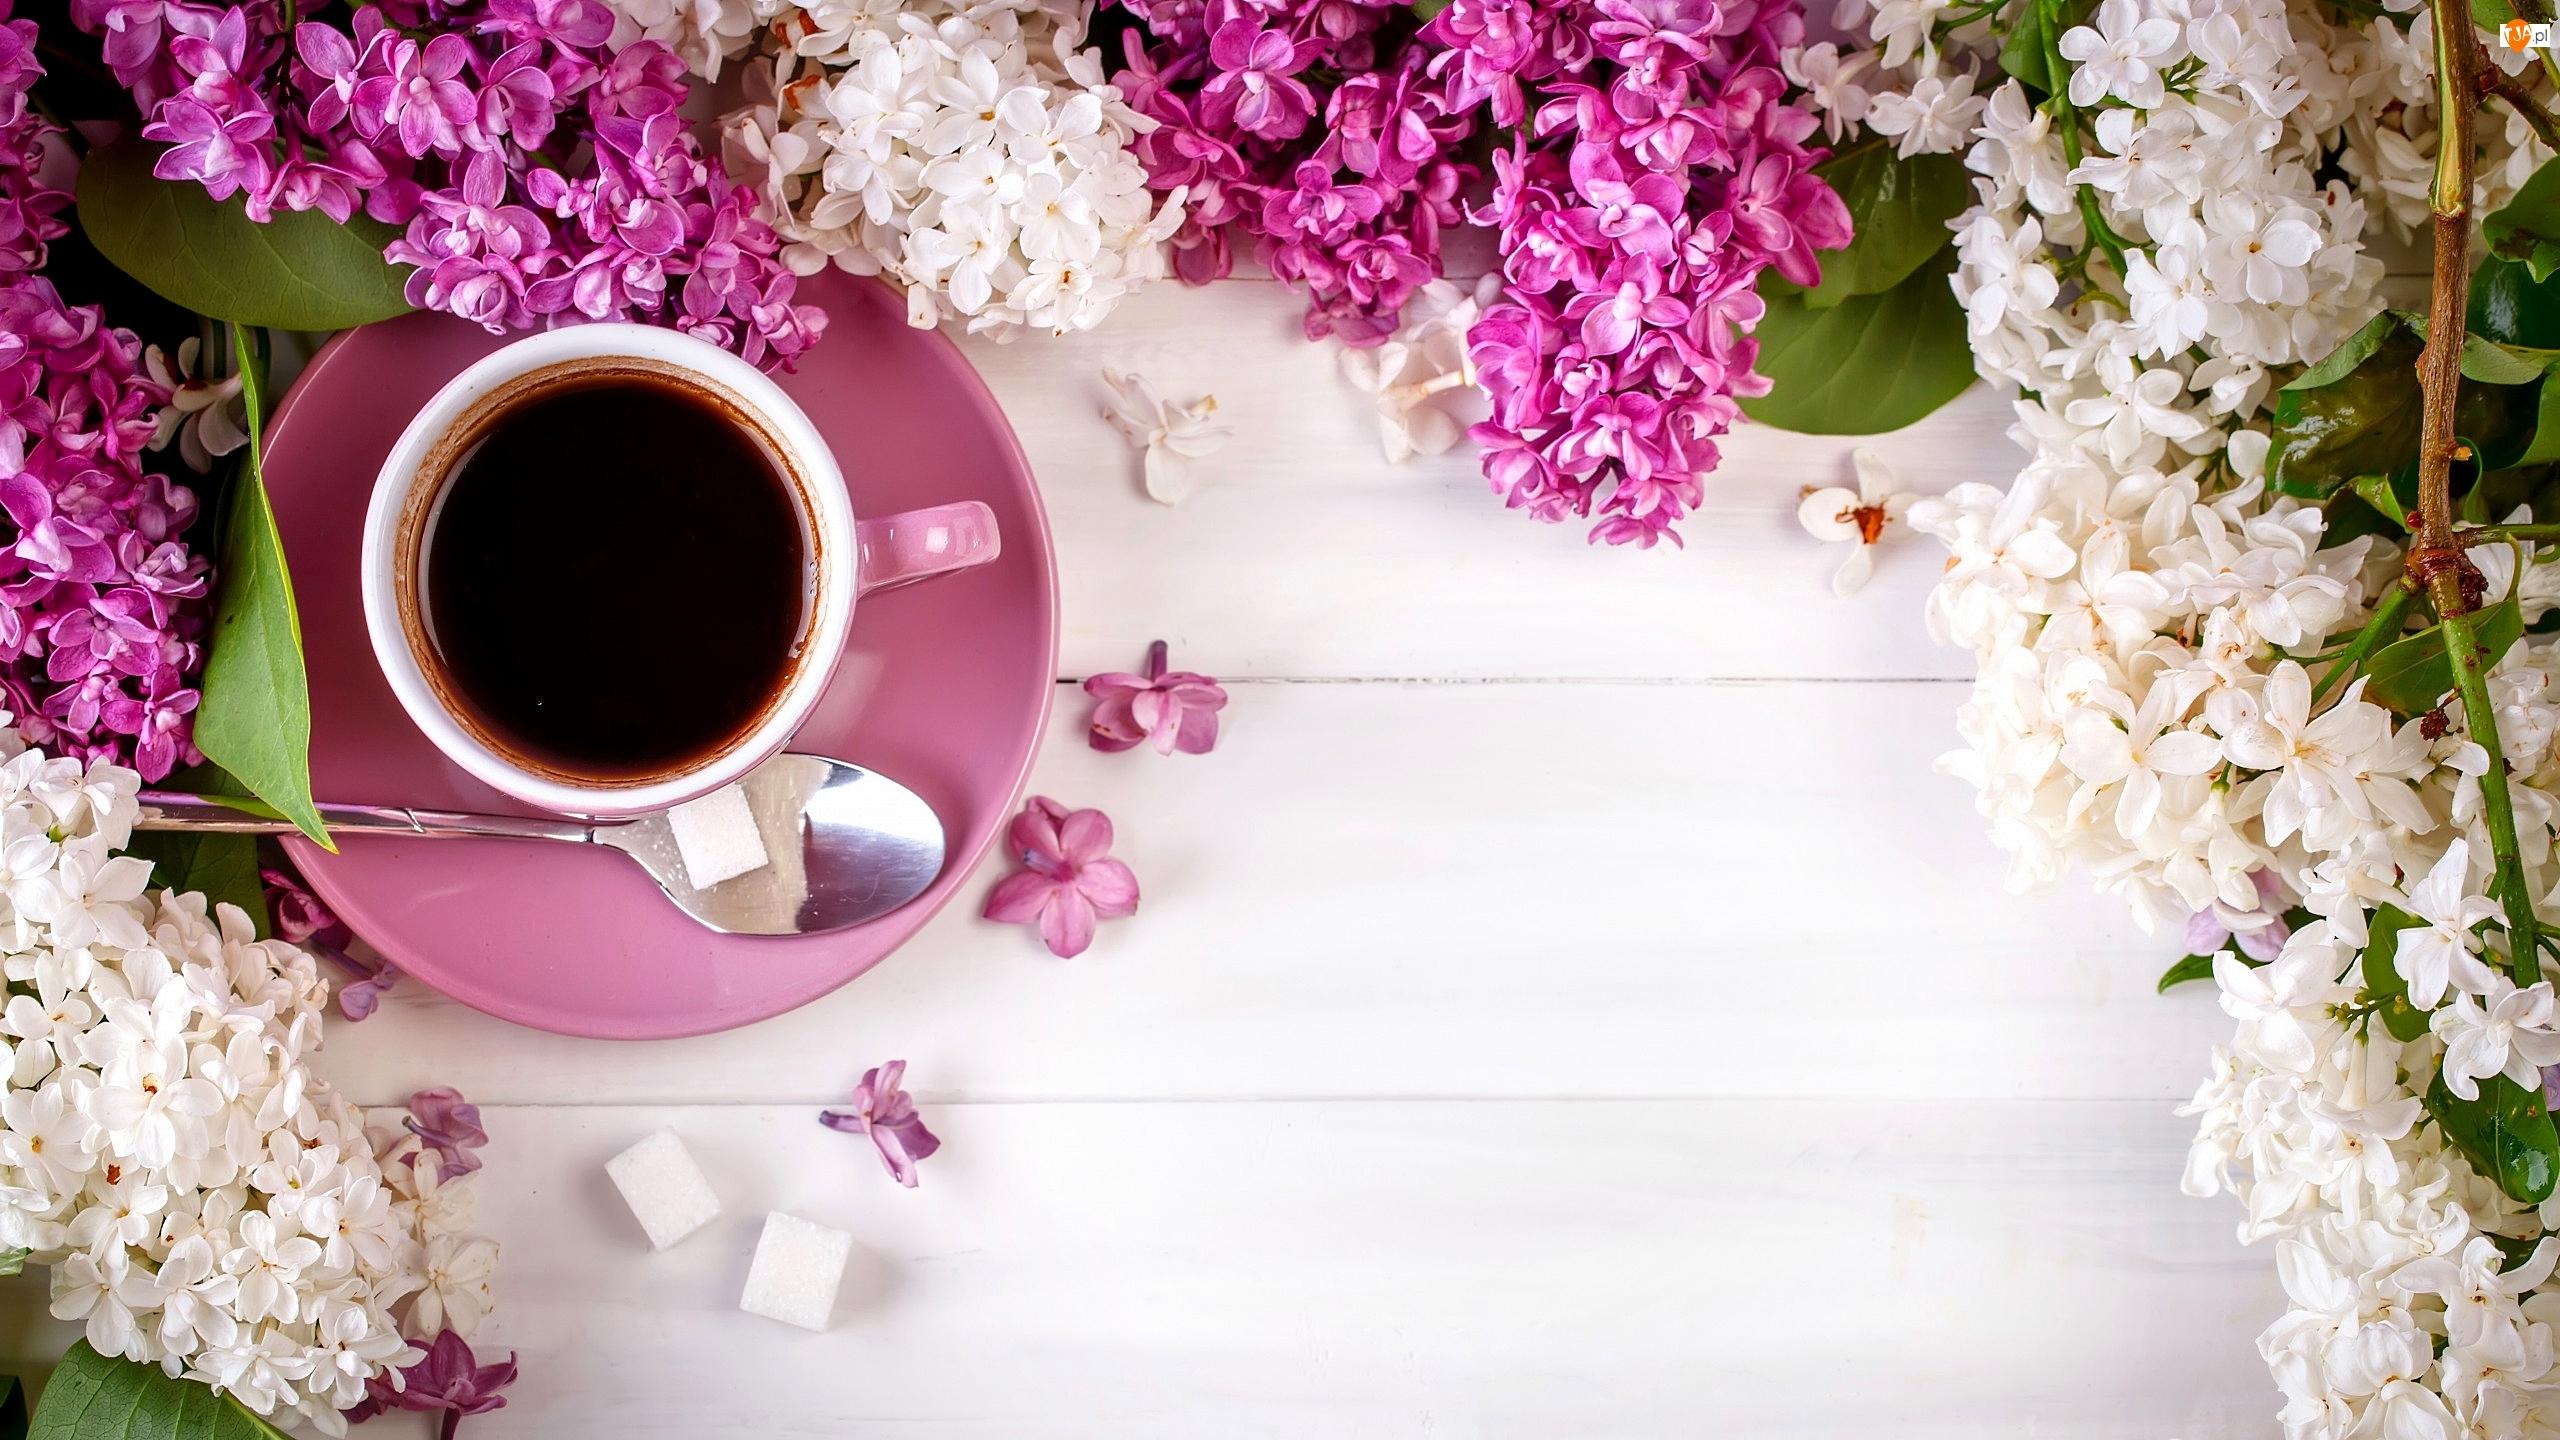 Bez, Filiżanka, Cukru, Kwiat, Kostki, Łyżeczka, Kawy